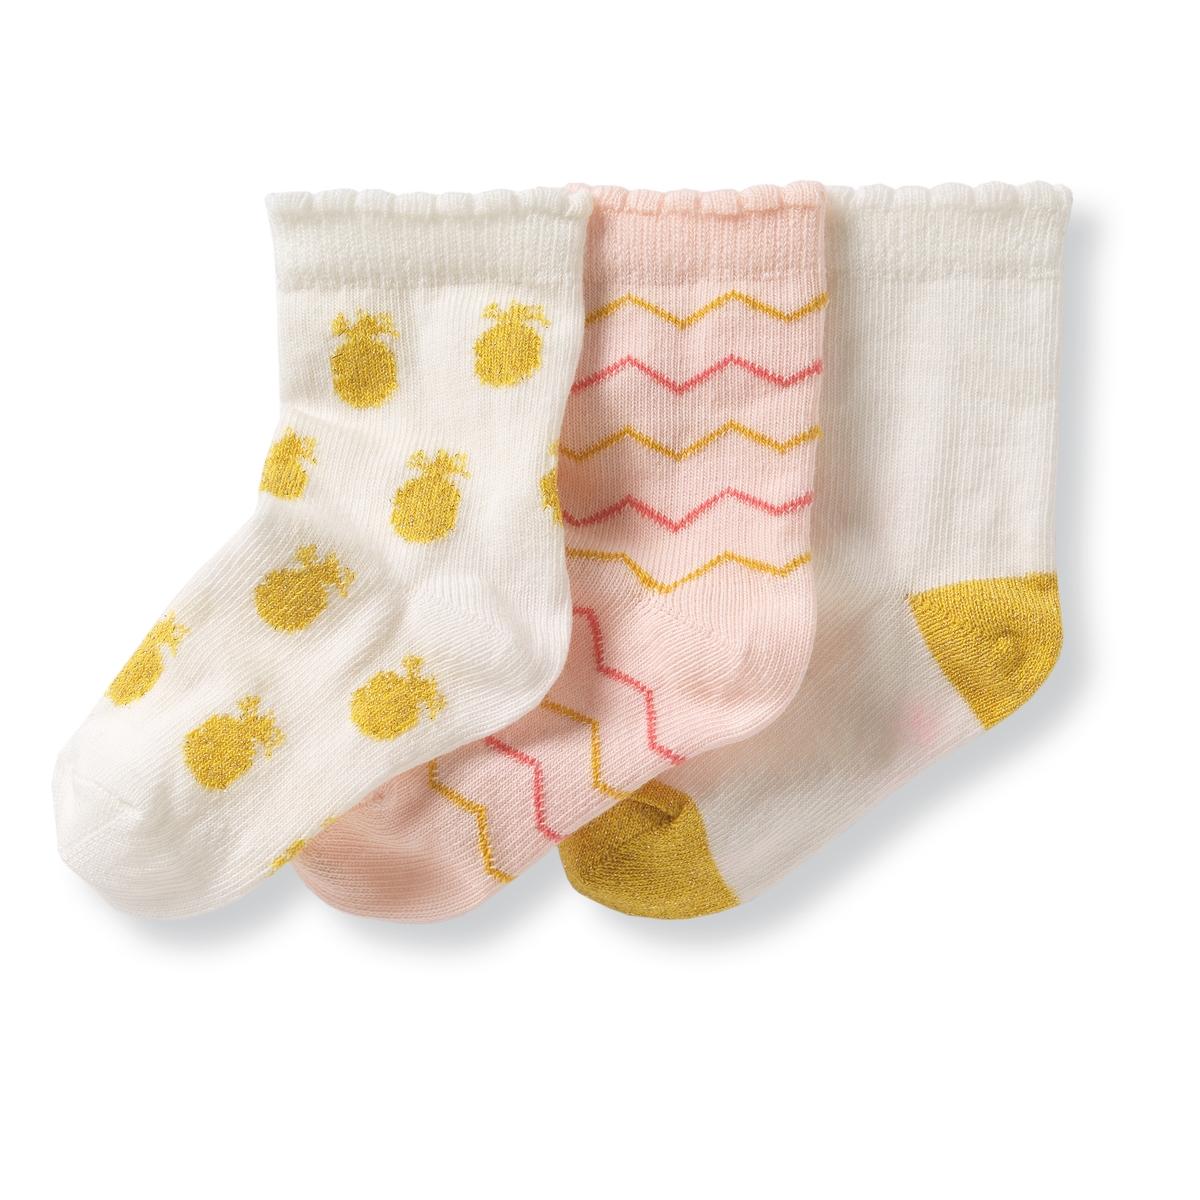 Комплект из 3 пар носков, 1 мес. - 3 года3 пары носков : 1 пара однотонных носков, 1 пара носков в полоску и 1 пара носков с рисунком Состав и описание :Материал          носки с рисунком  : 78% хлопка, 21% полиамида, 1% эластана                      однотонные носки : 75% хлопка, 21% полиамида, 3% других волокон,                      1% эластана Марка          R miniУход :Машинная стирка при 30 °C Стирать, предварительно вывернув на изнанкуМашинная сушка запрещенаНе гладить<br><br>Цвет: экрю + розовый